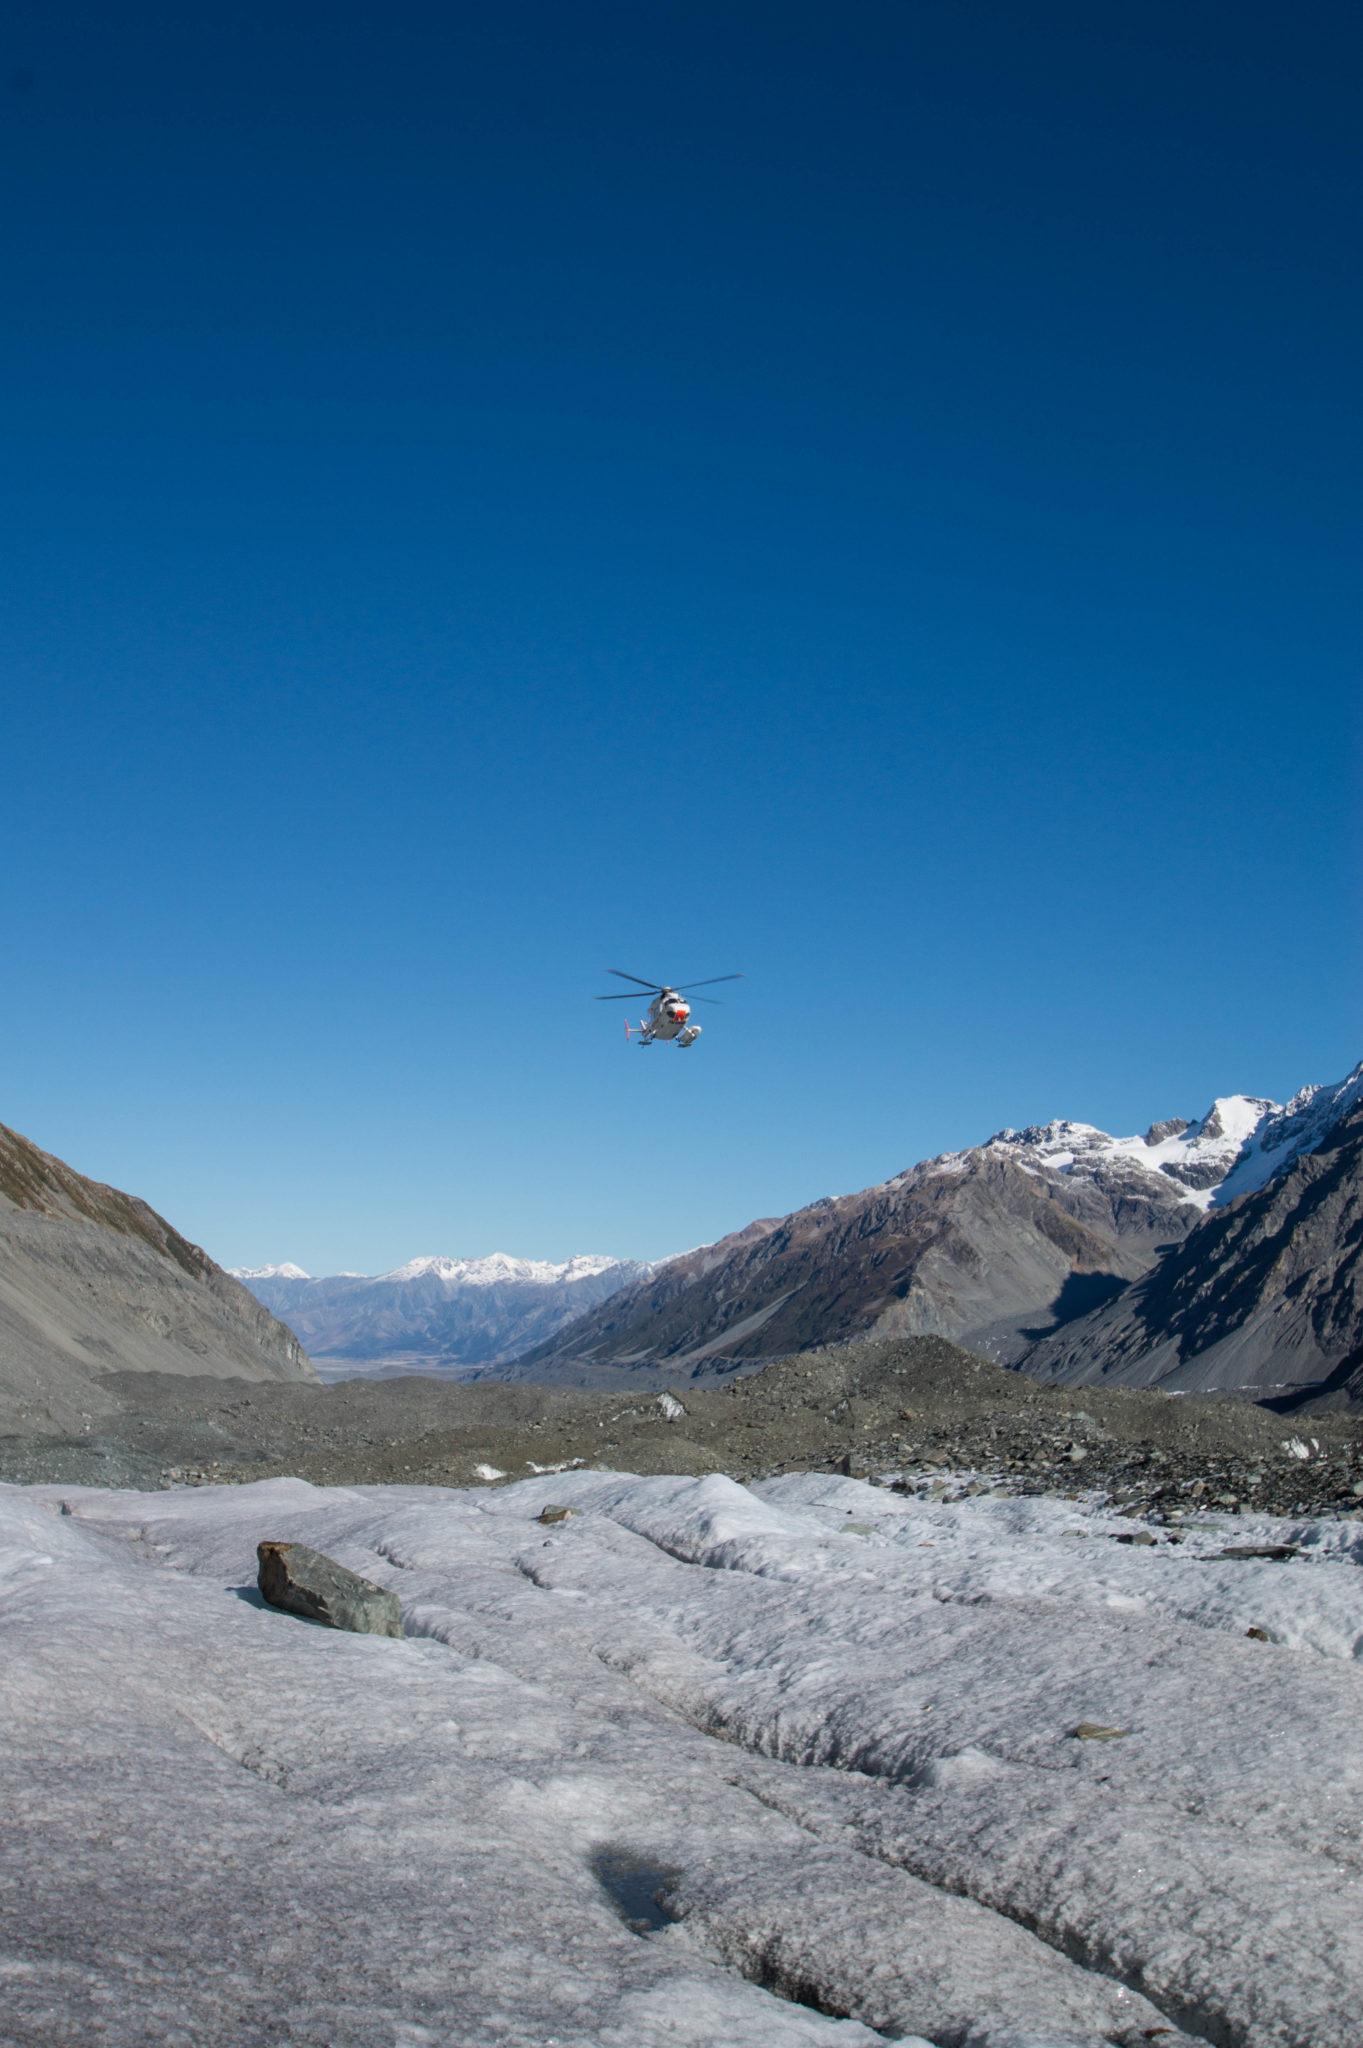 Mount Cook Neuseeland Gletscherwanderung: Anflug auf Mount Cook